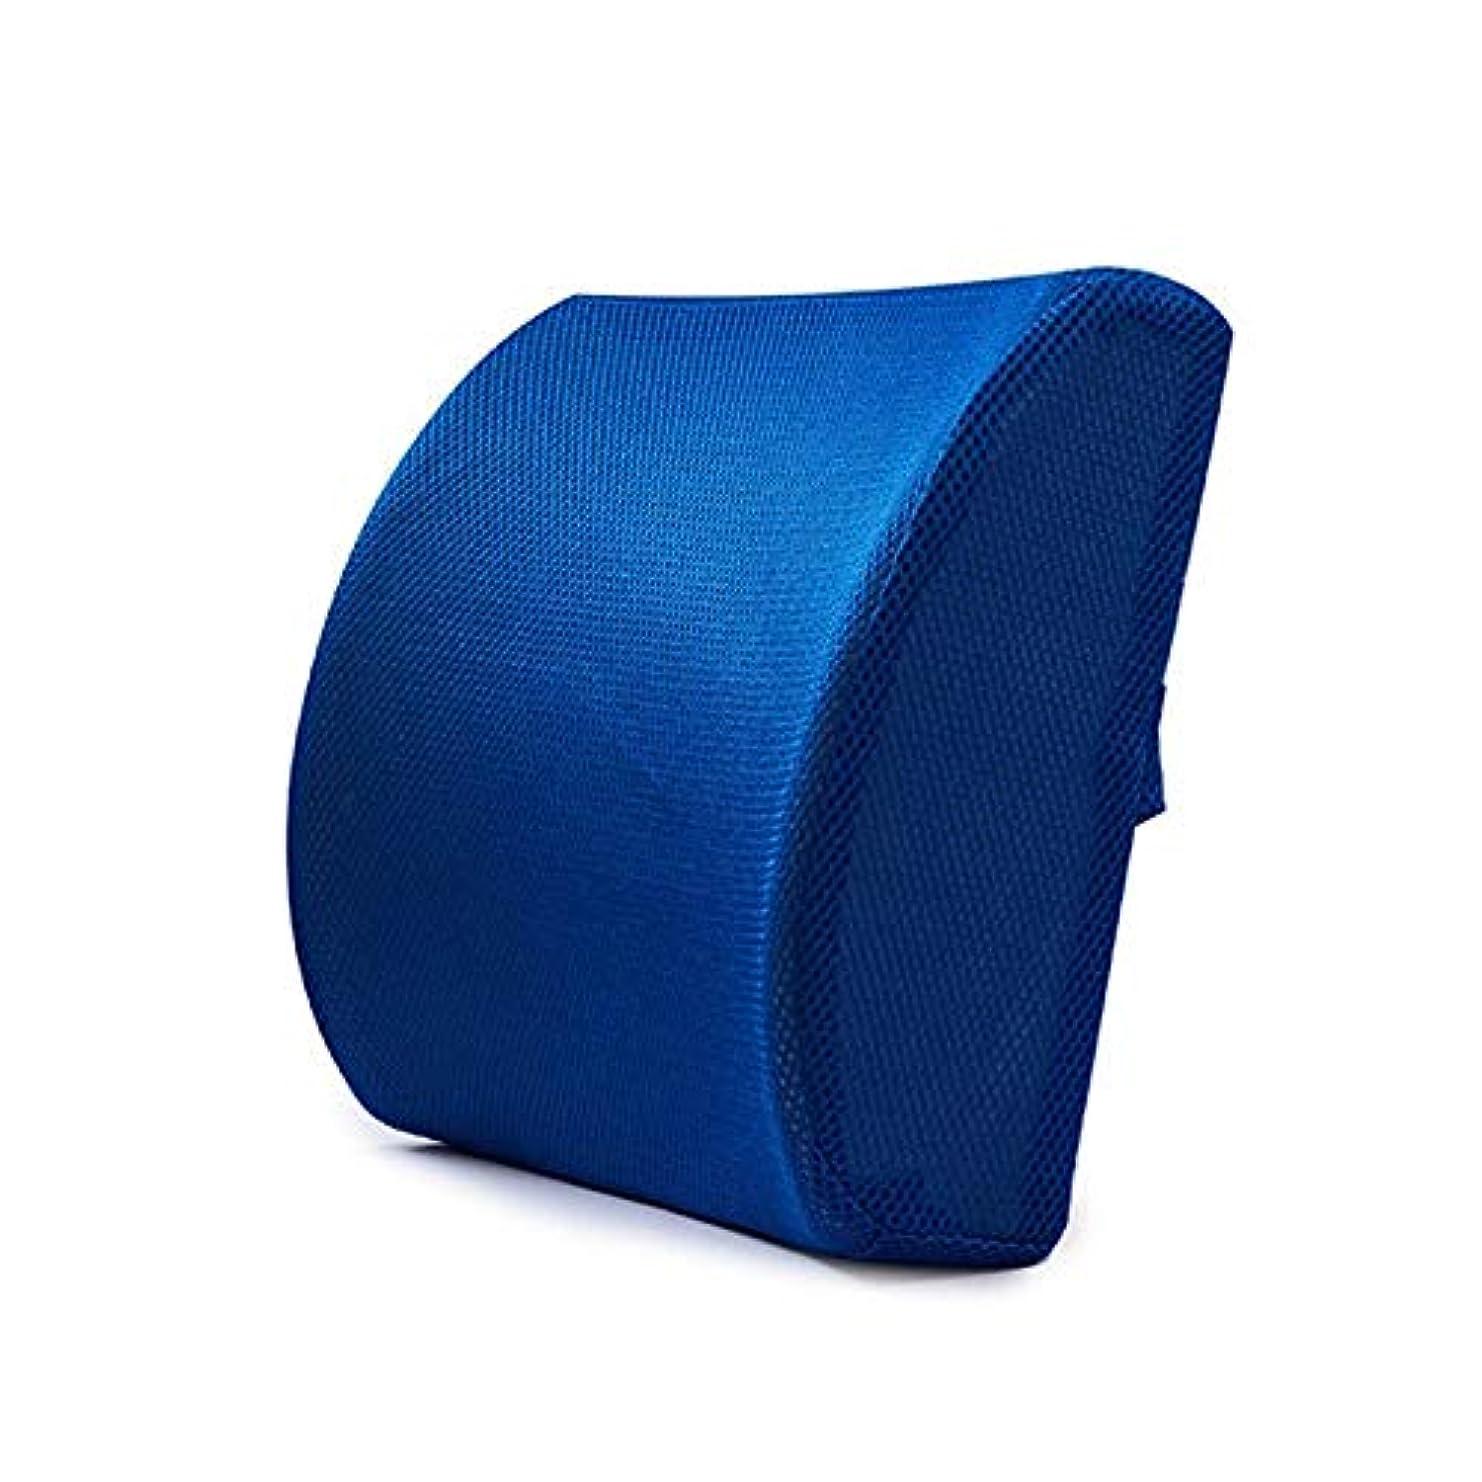 閉じるジャグリング定規LIFE ホームオフィス背もたれ椅子腰椎クッションカーシートネック枕 3D 低反発サポートバックマッサージウエストレスリビング枕 クッション 椅子